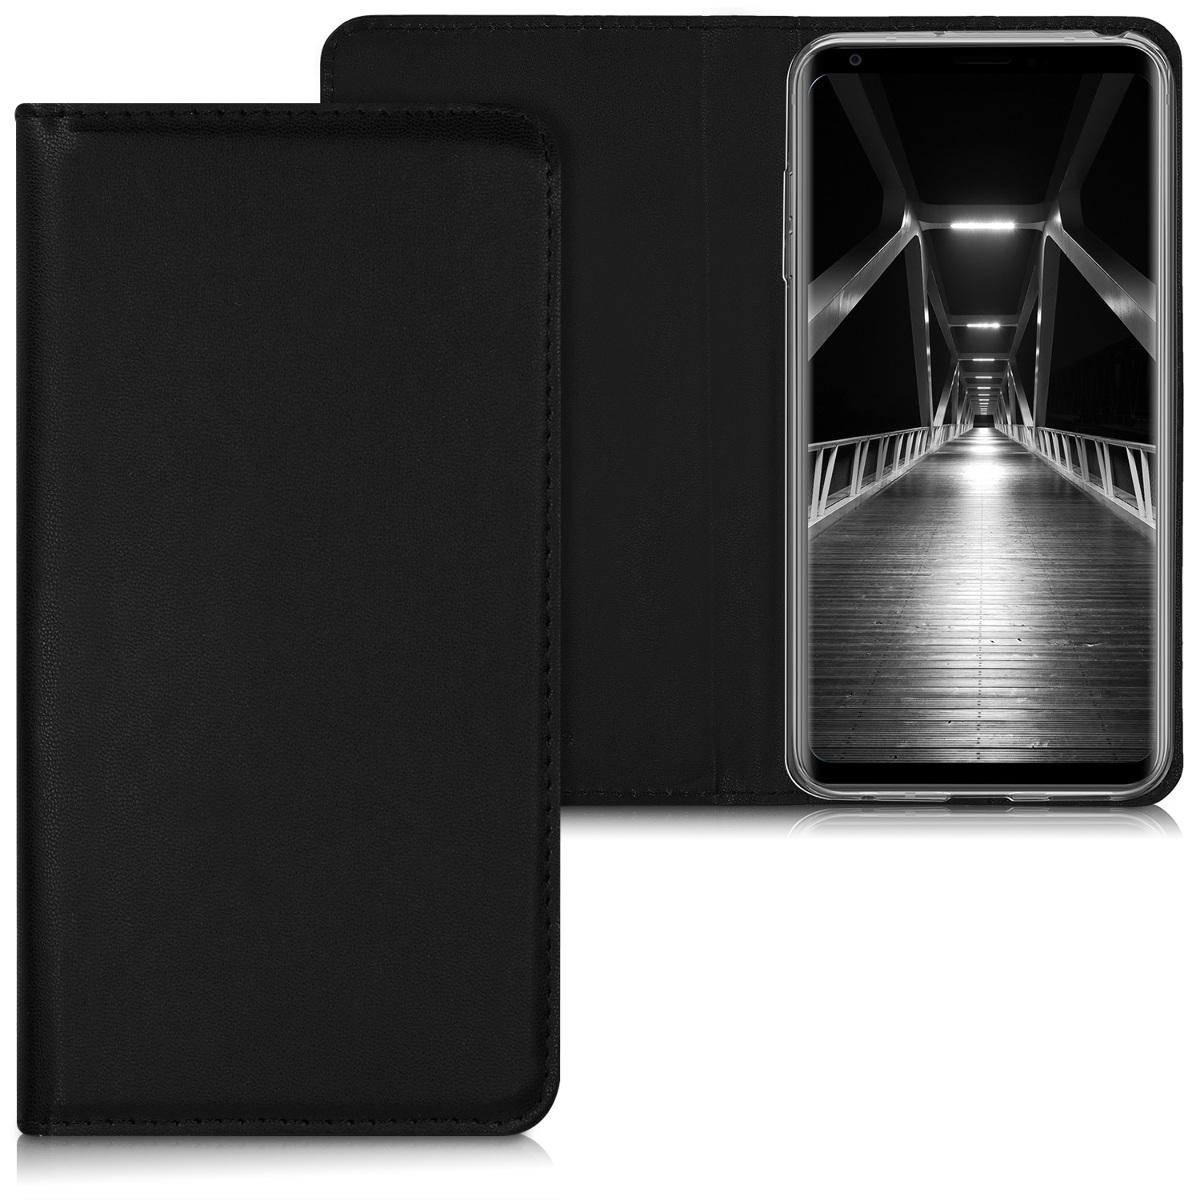 KW Θήκη-Flip LG V30 - Μαύρο (43162.01)